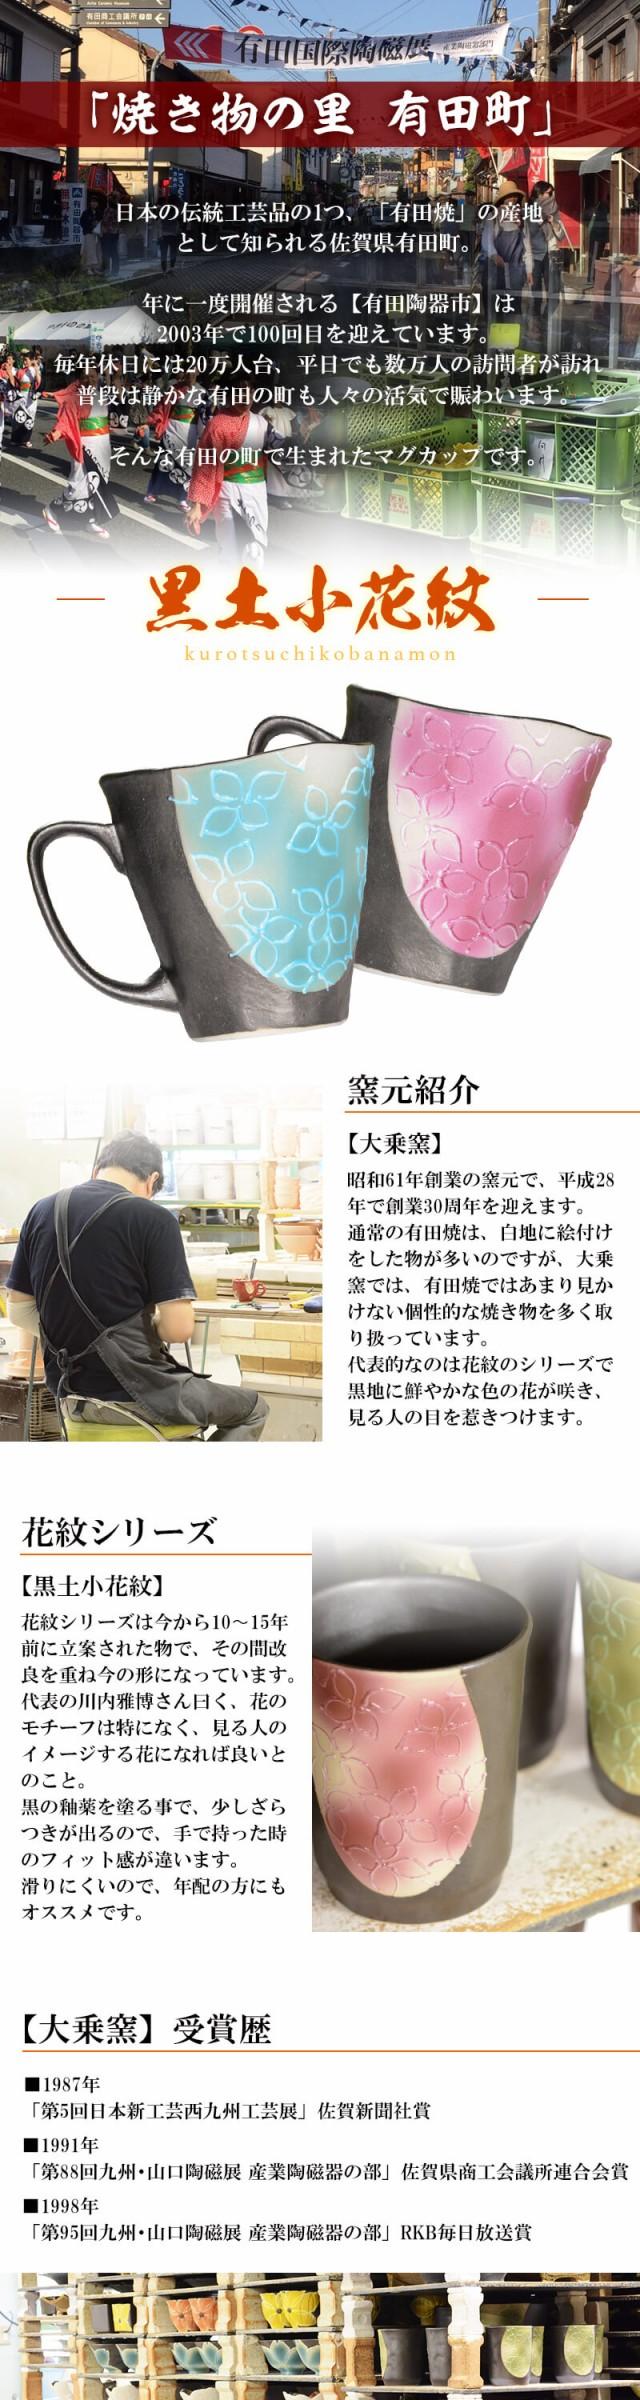 焼き物の町有田え生まれたマグカップ 大乗窯